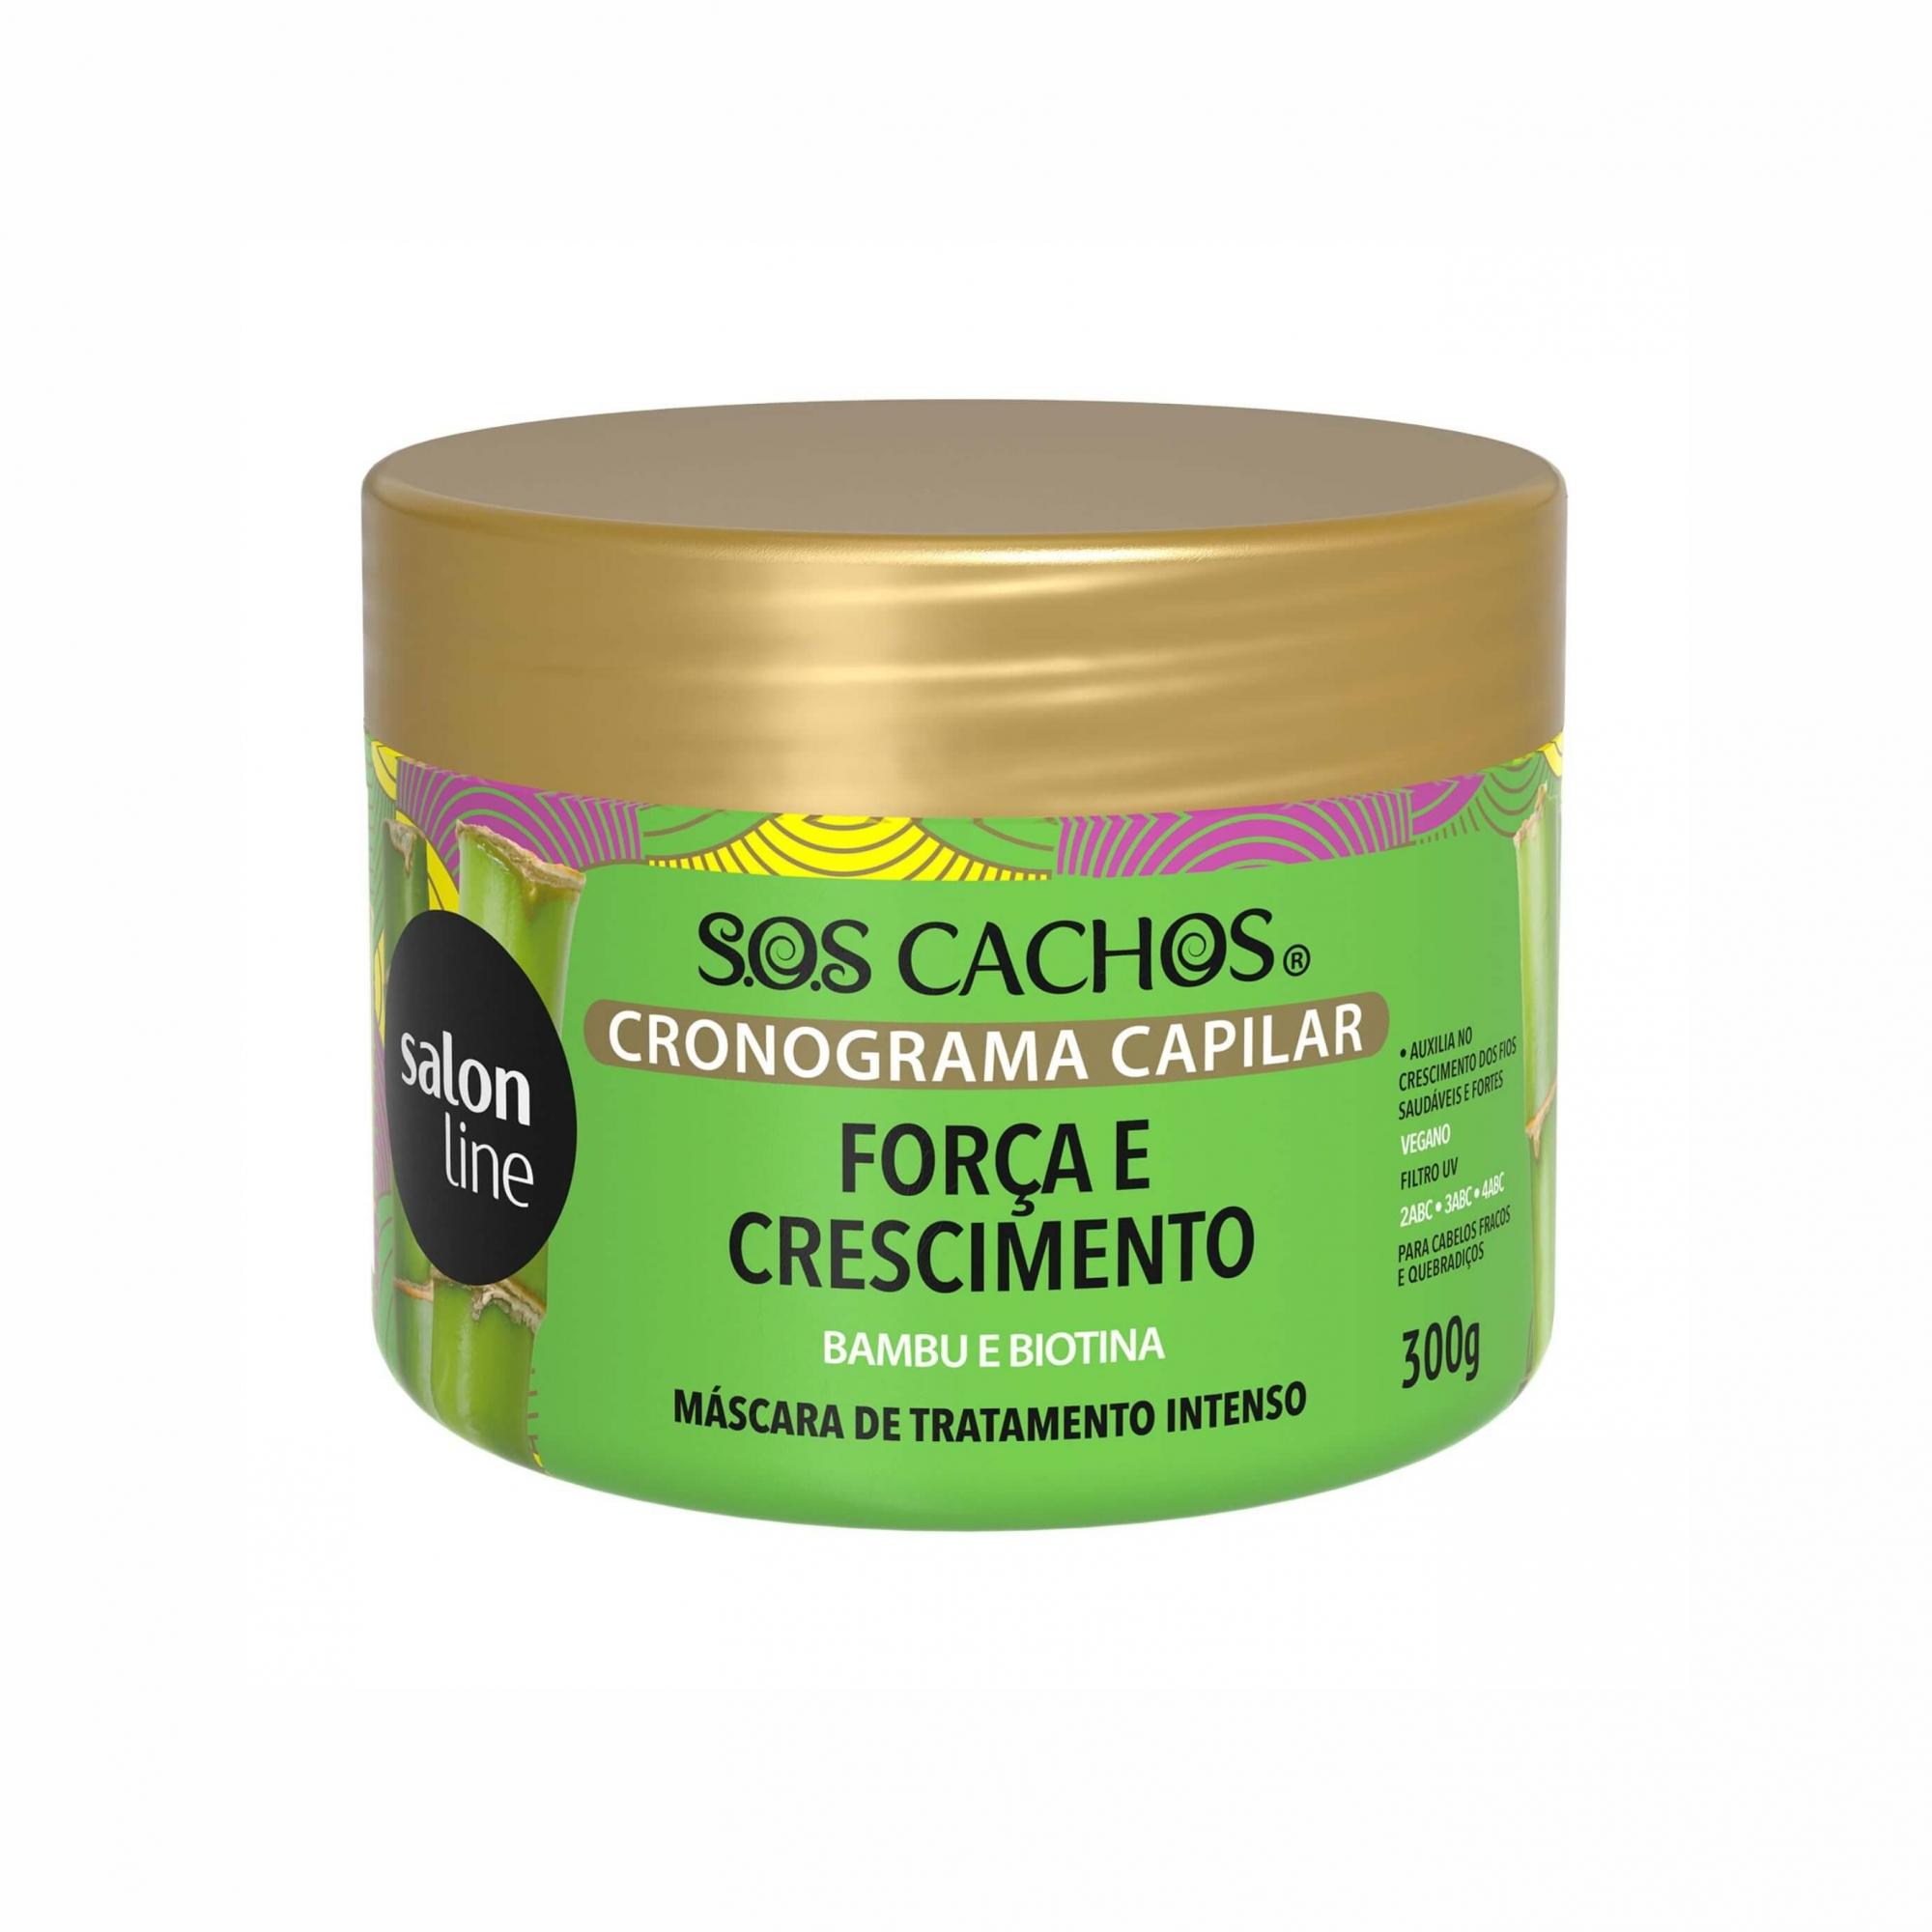 Máscara de Tratamento Salon Line S.o.s Cachos Cronograma Capilar - Força e Crescimento 300g